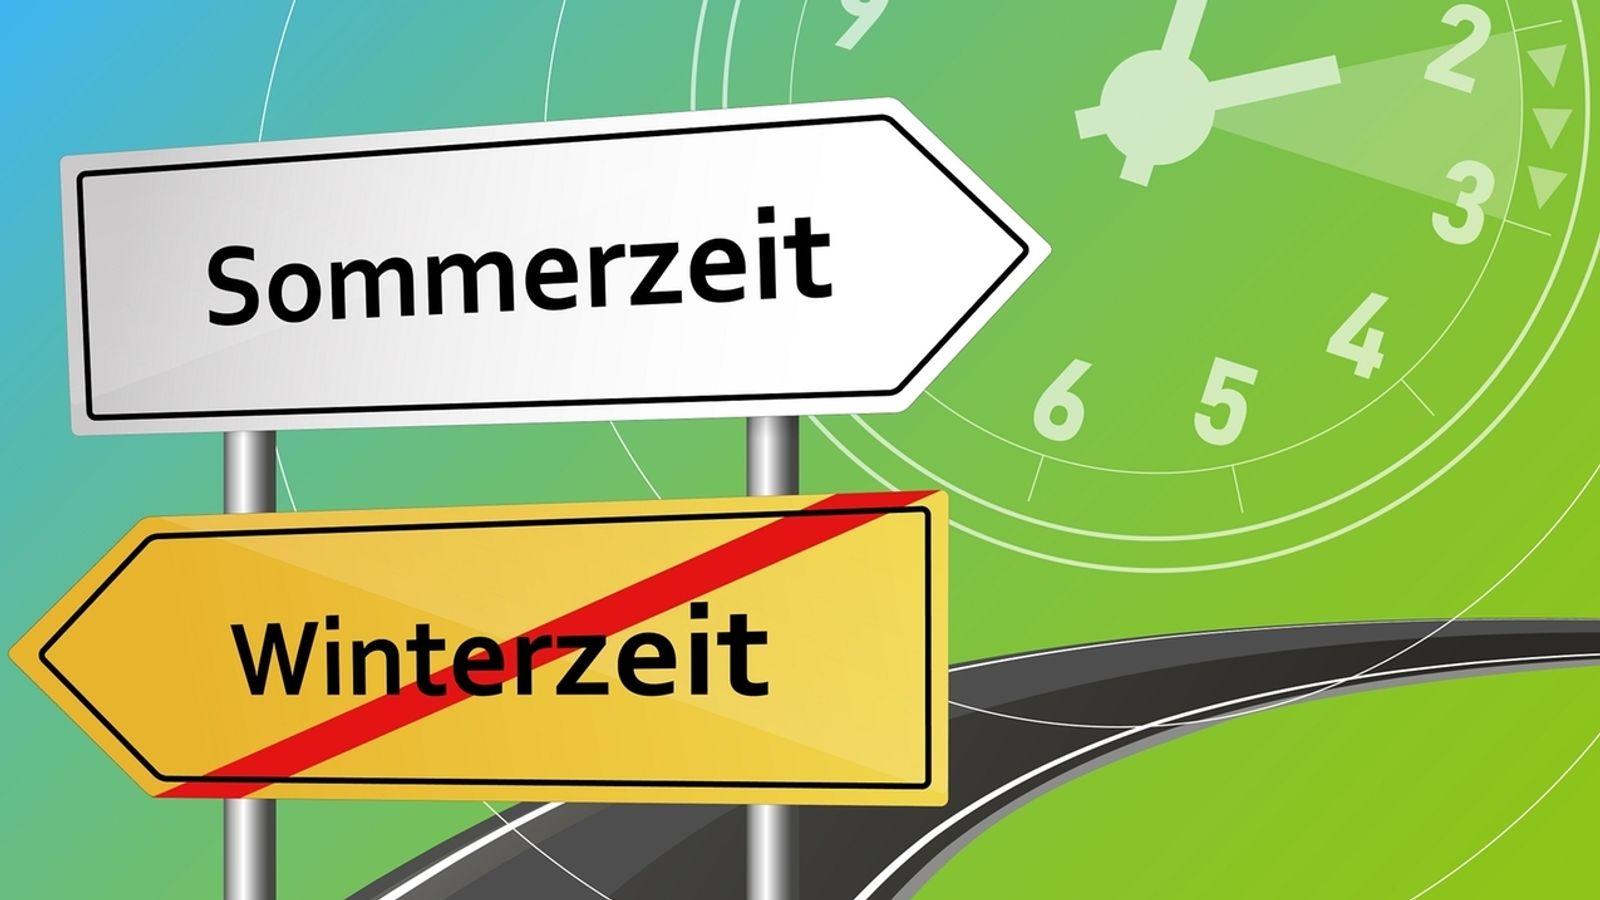 sommerzeit einführung deutschland